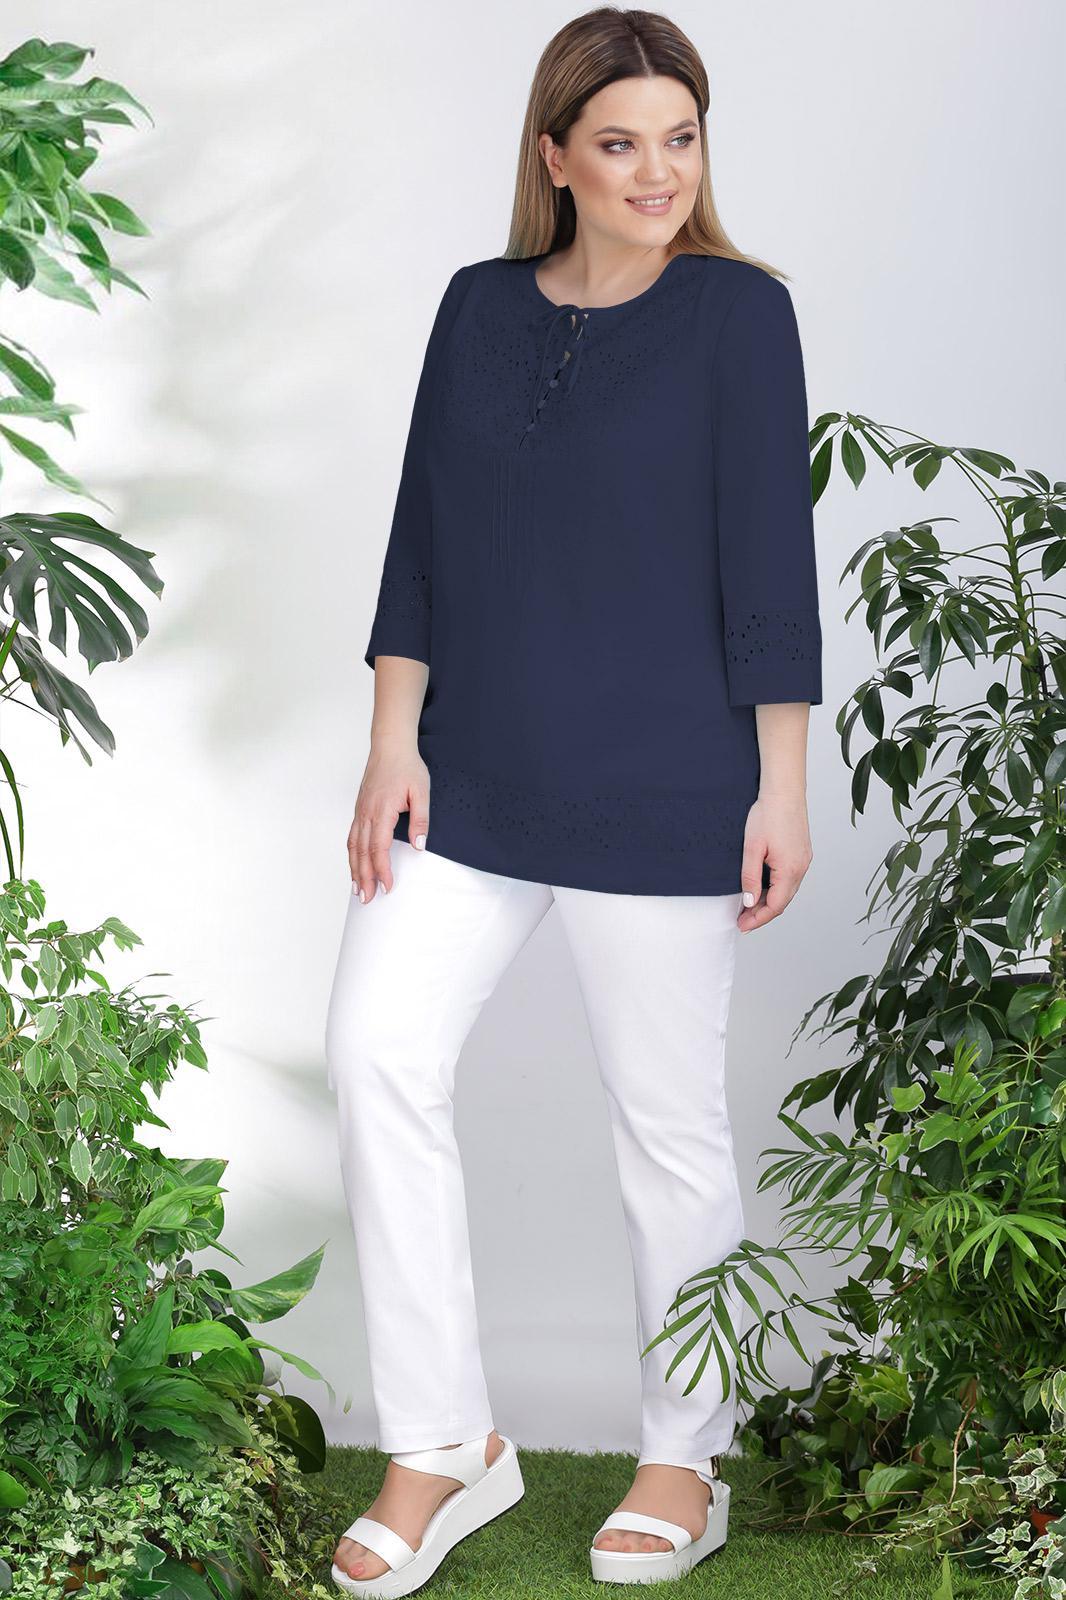 61581eccb10 Купить блузку большого размера в Минске. Блузки для полных женщин